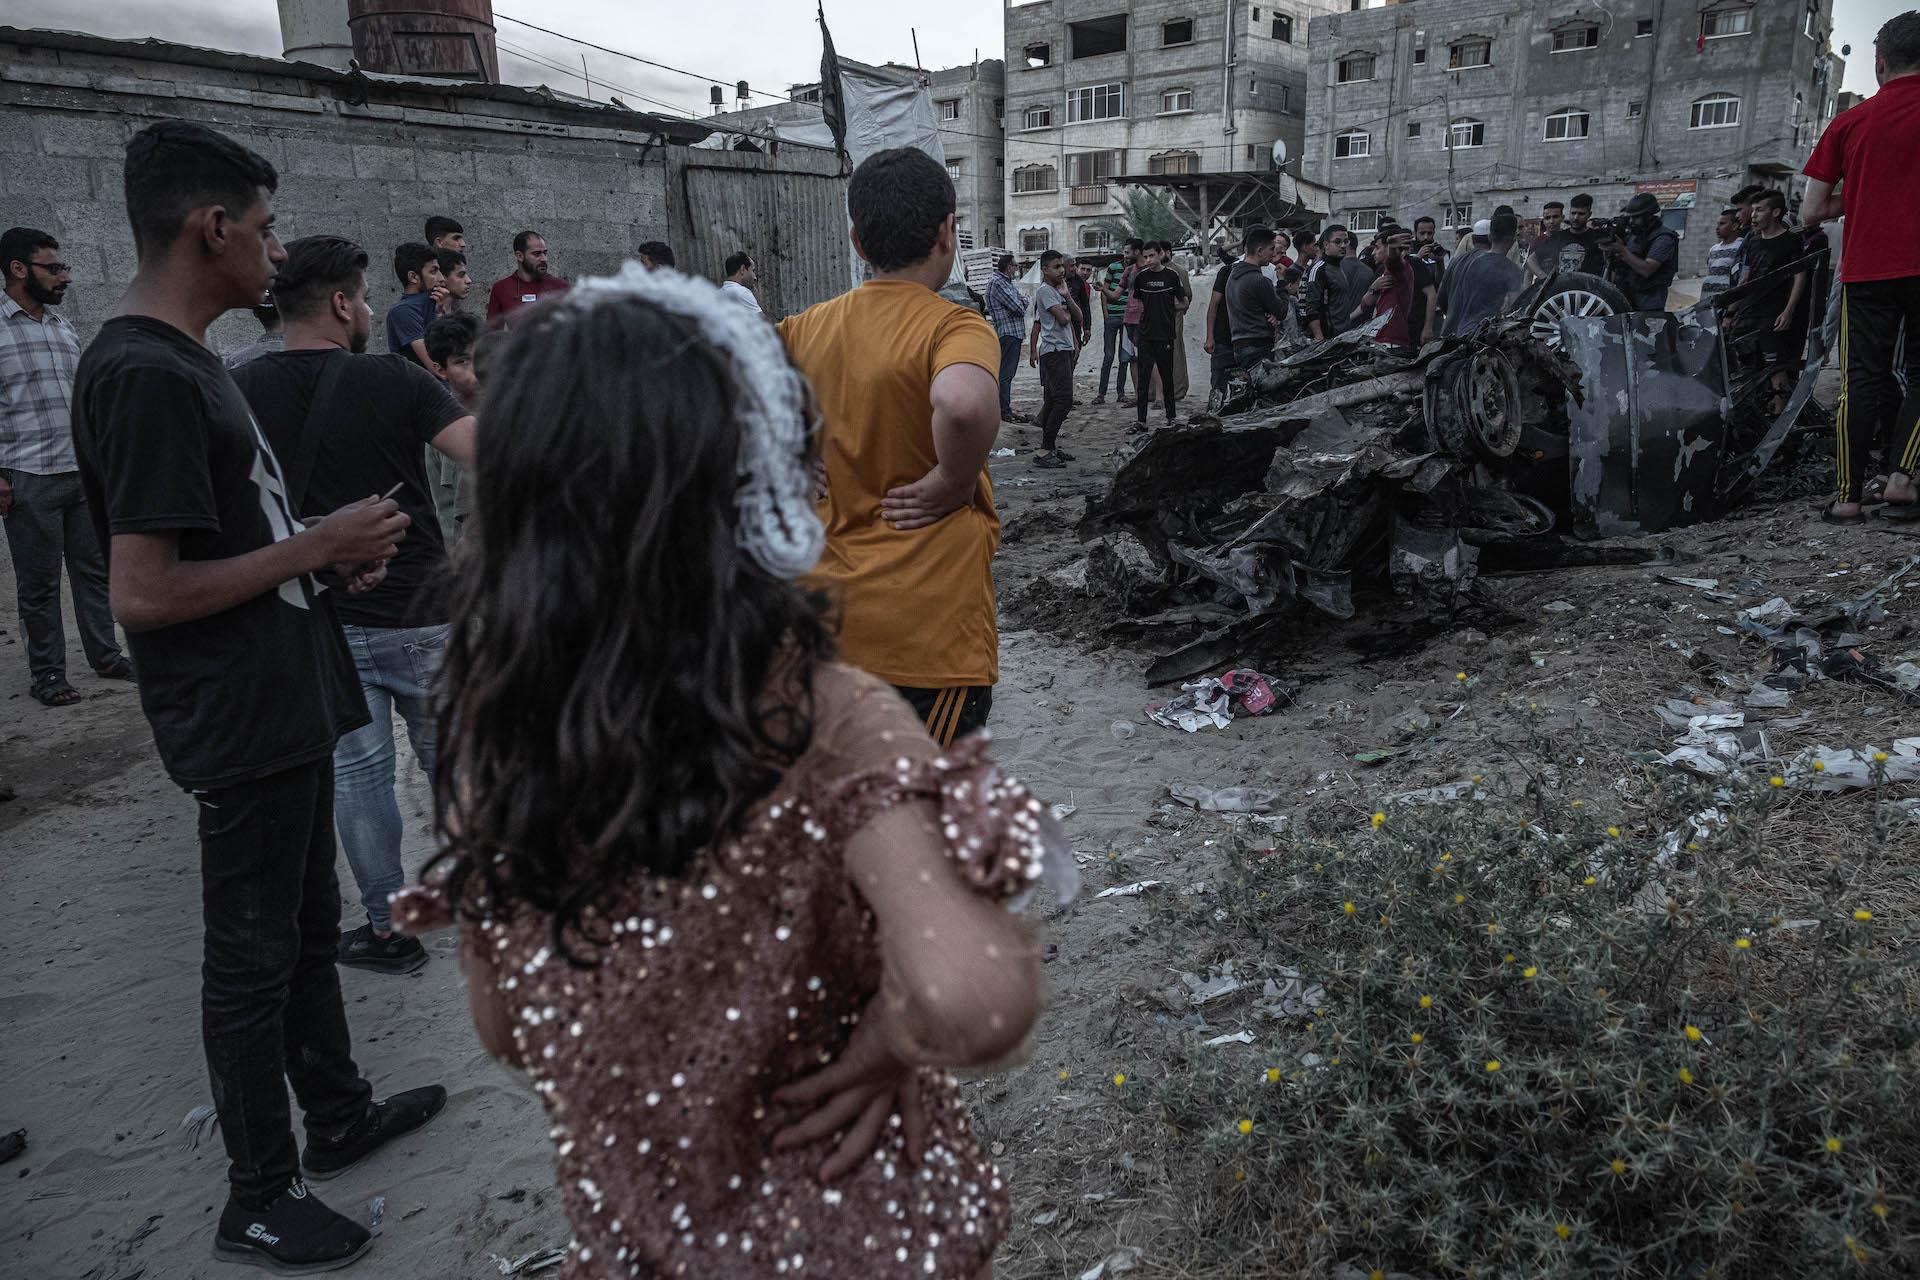 Le conseguenze dei bombardamenti israeliani nella Striscia di Gaza